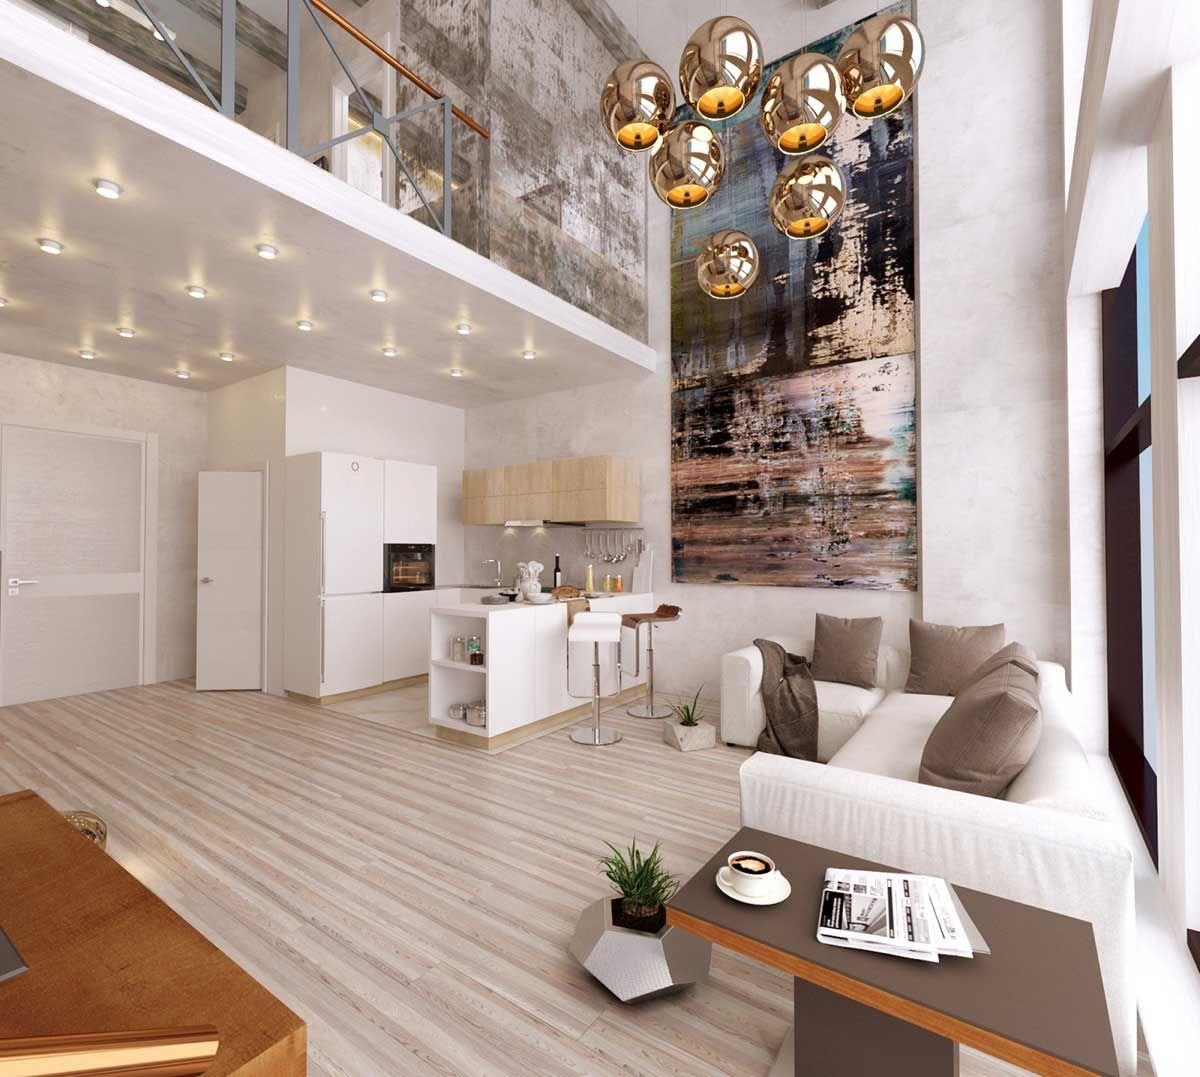 Quadri moderni per decorare casa | Soggiorno moderno ...